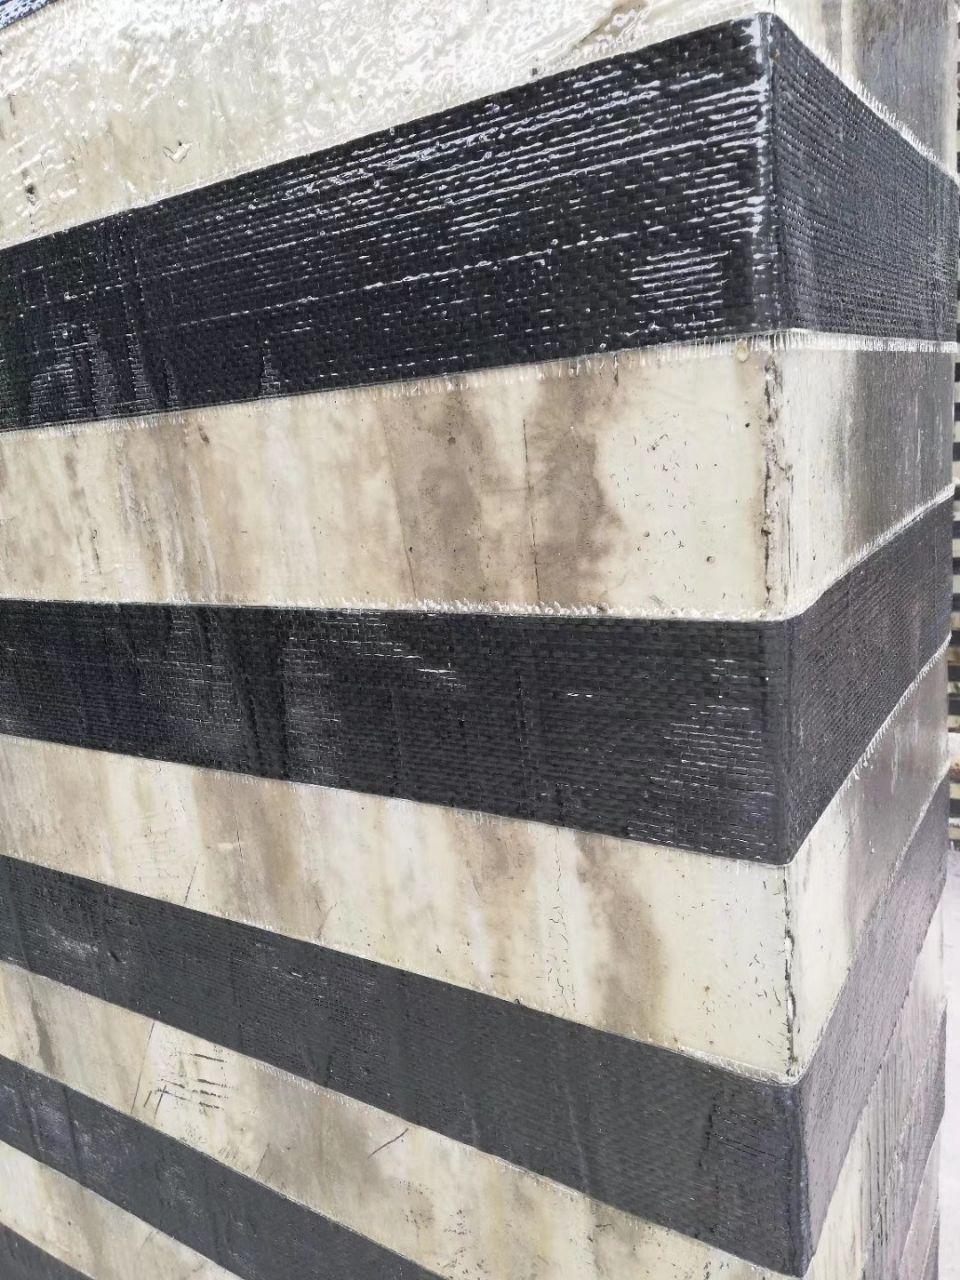 贛州環氧樹脂碳纖維膠價格 重慶渝中區灌漿料電話